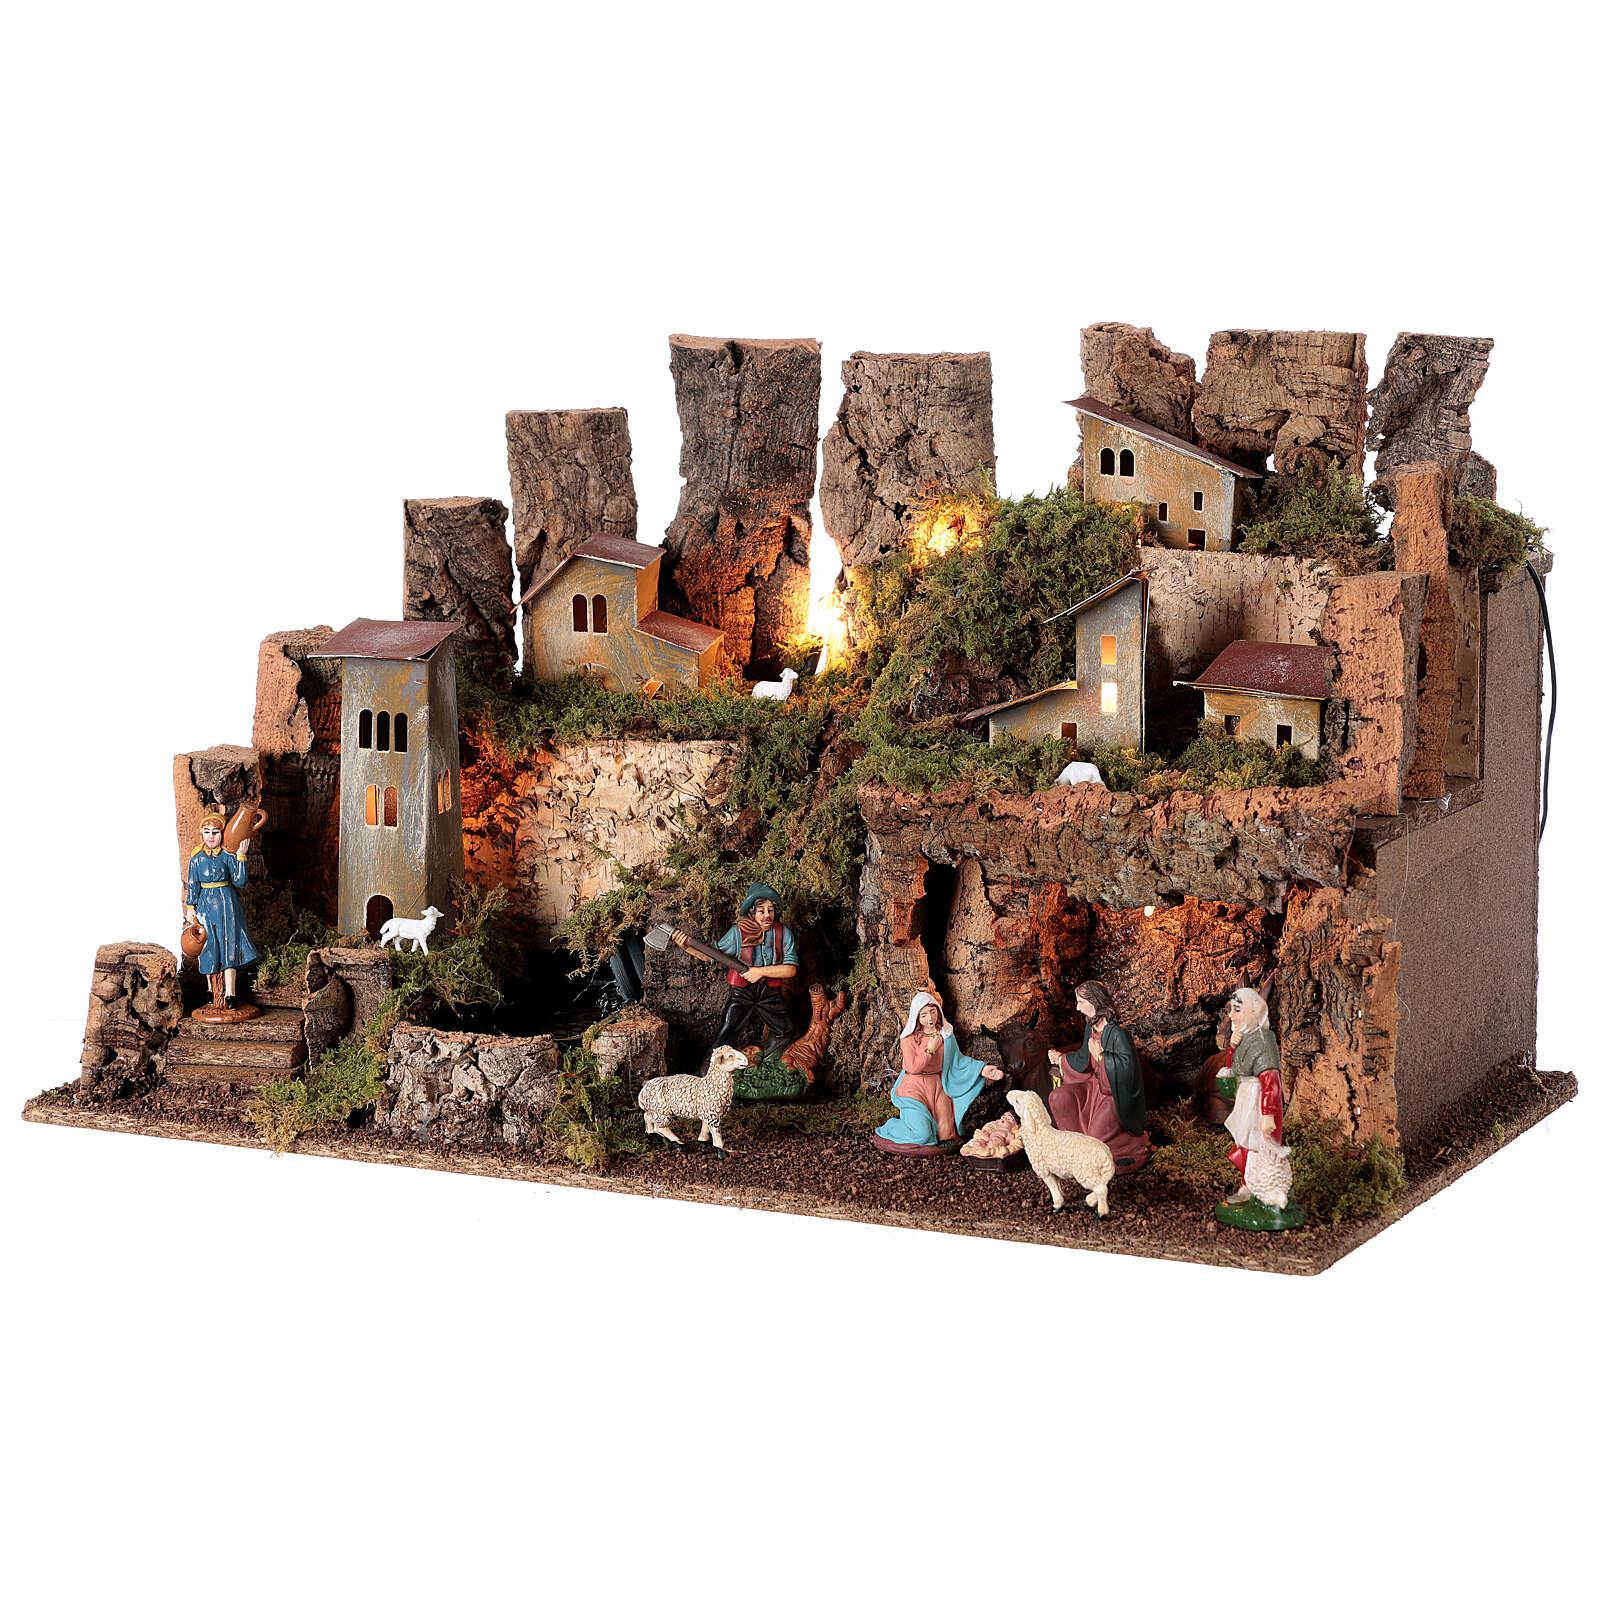 Bourg crèche avec grotte, feu, lumière et cascade 40x58x38 cm 4